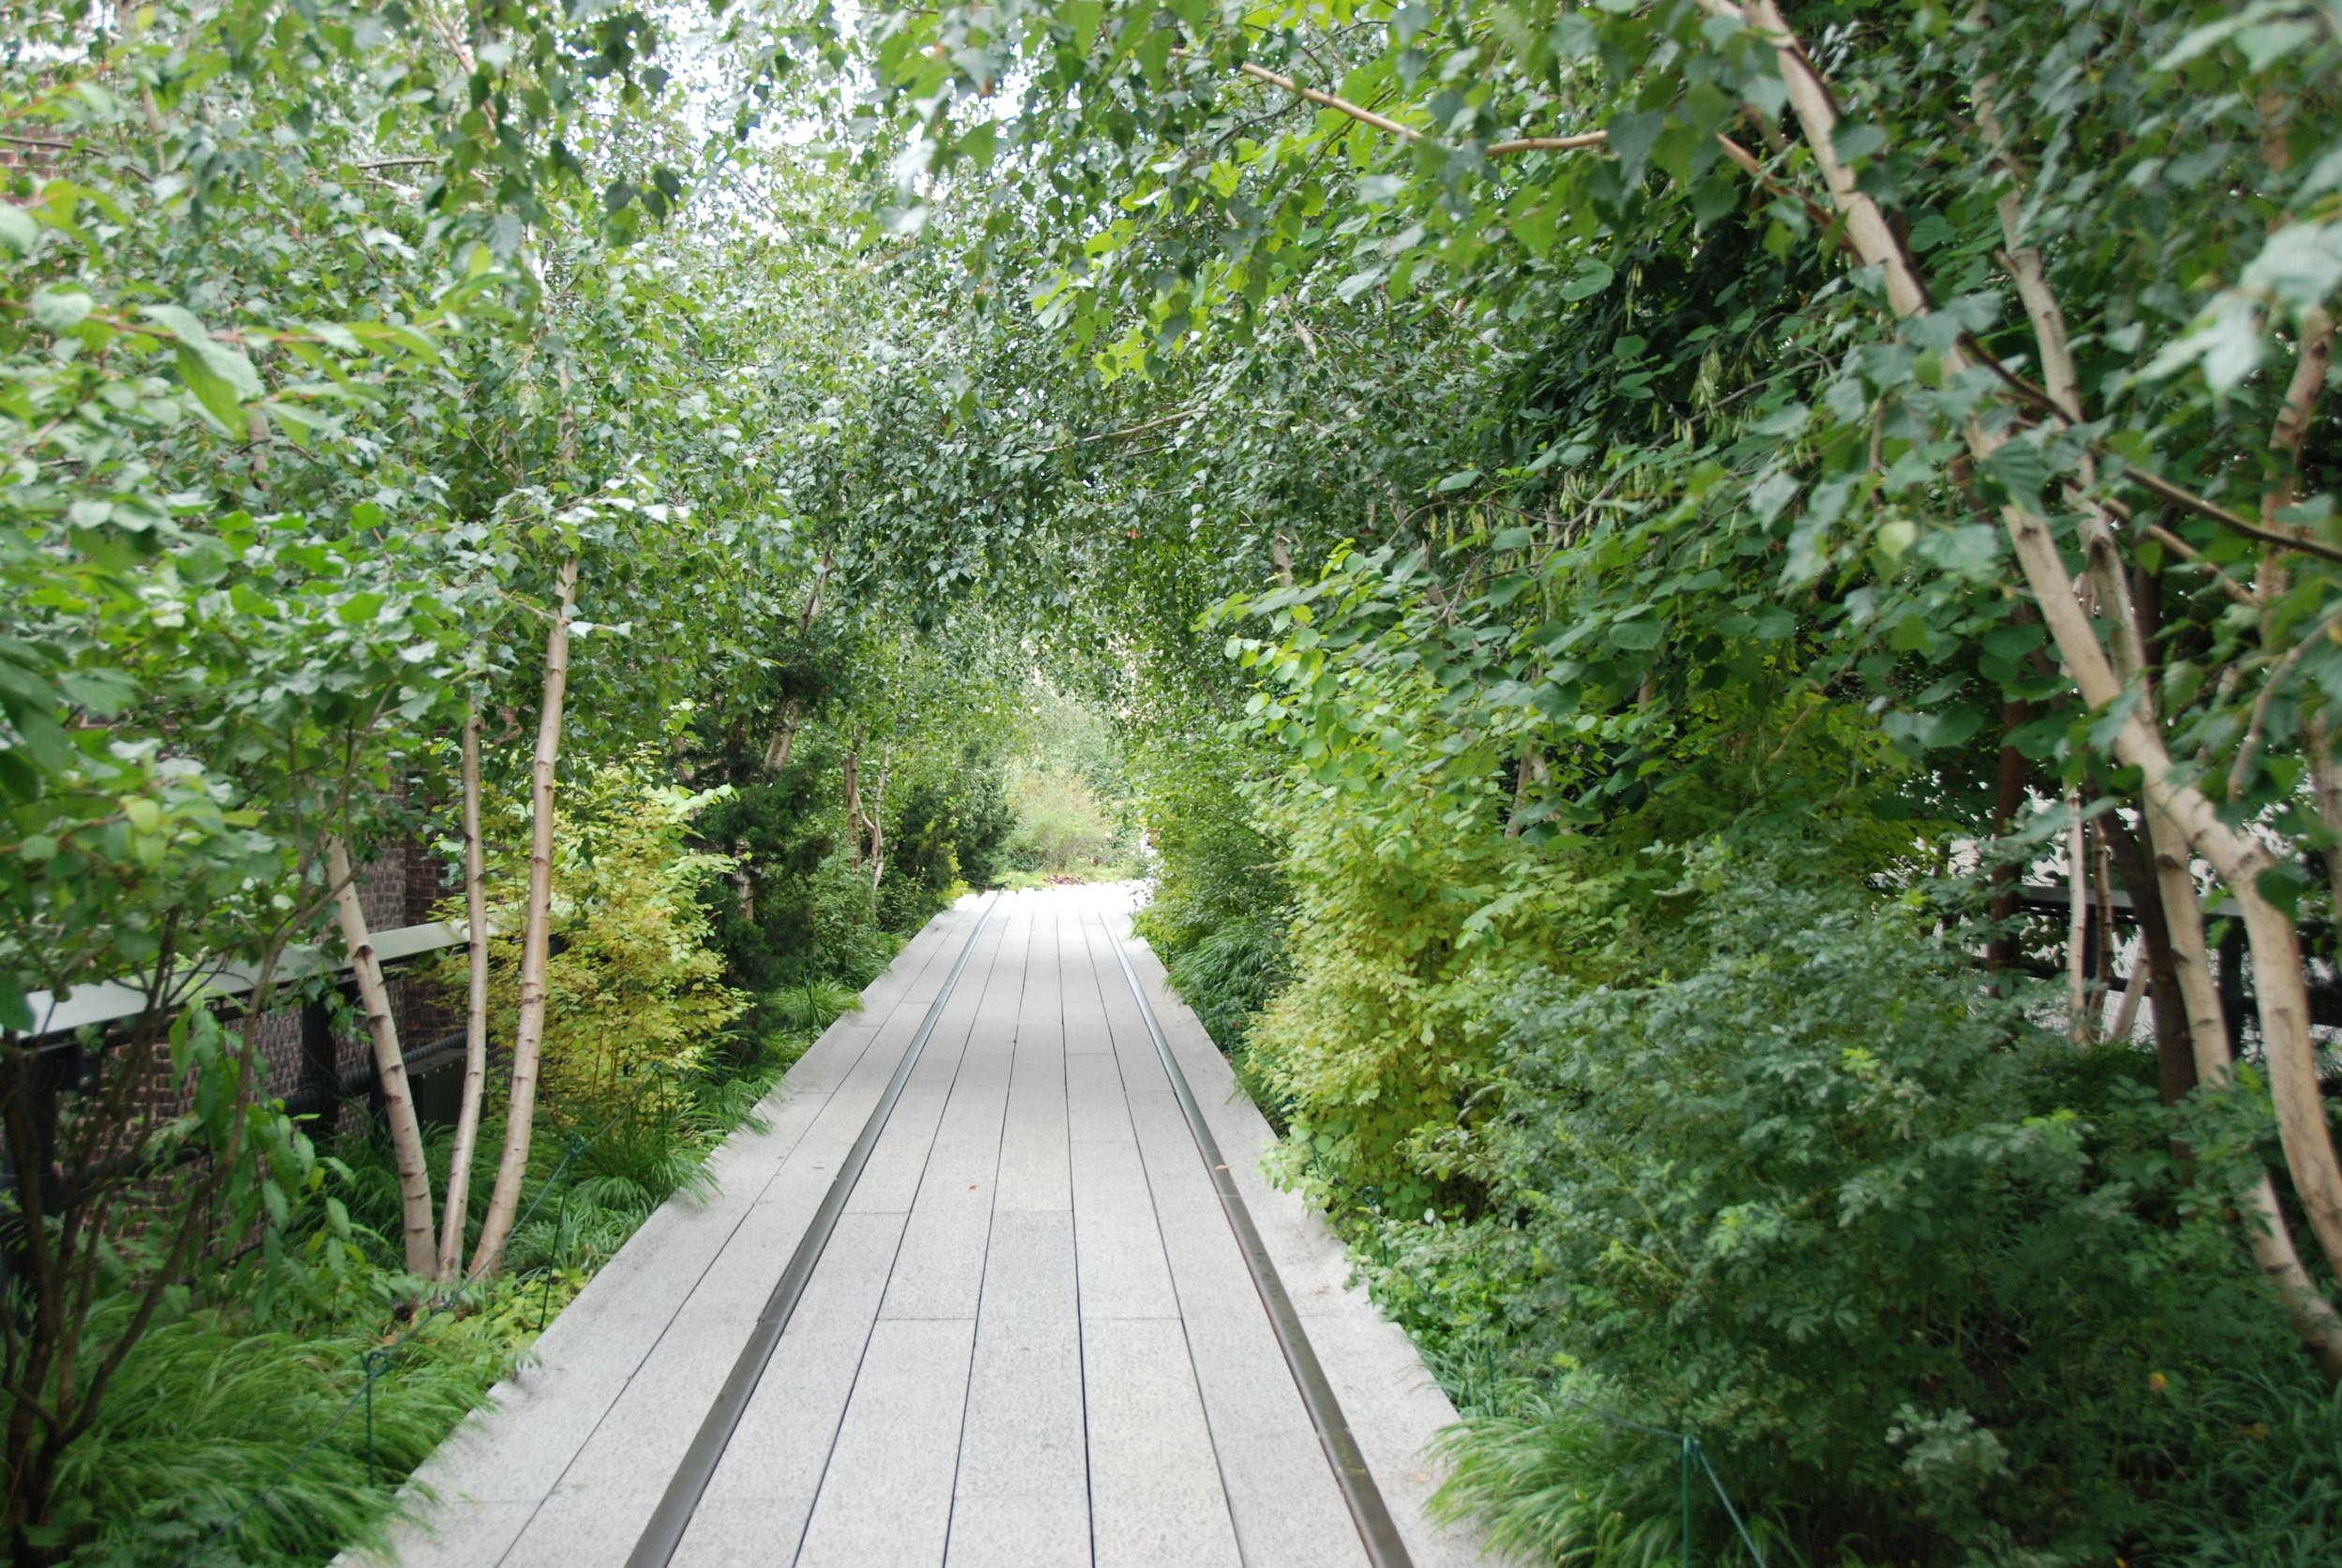 Ztracená trať v džungli? Kdepak. Jste stále uprostřed jednoho z nejrušnějších měst na světě, několik metrů nad zemským povrchem. Vítejte na High Line v New Yorku. (foto: Libor Hinčica)